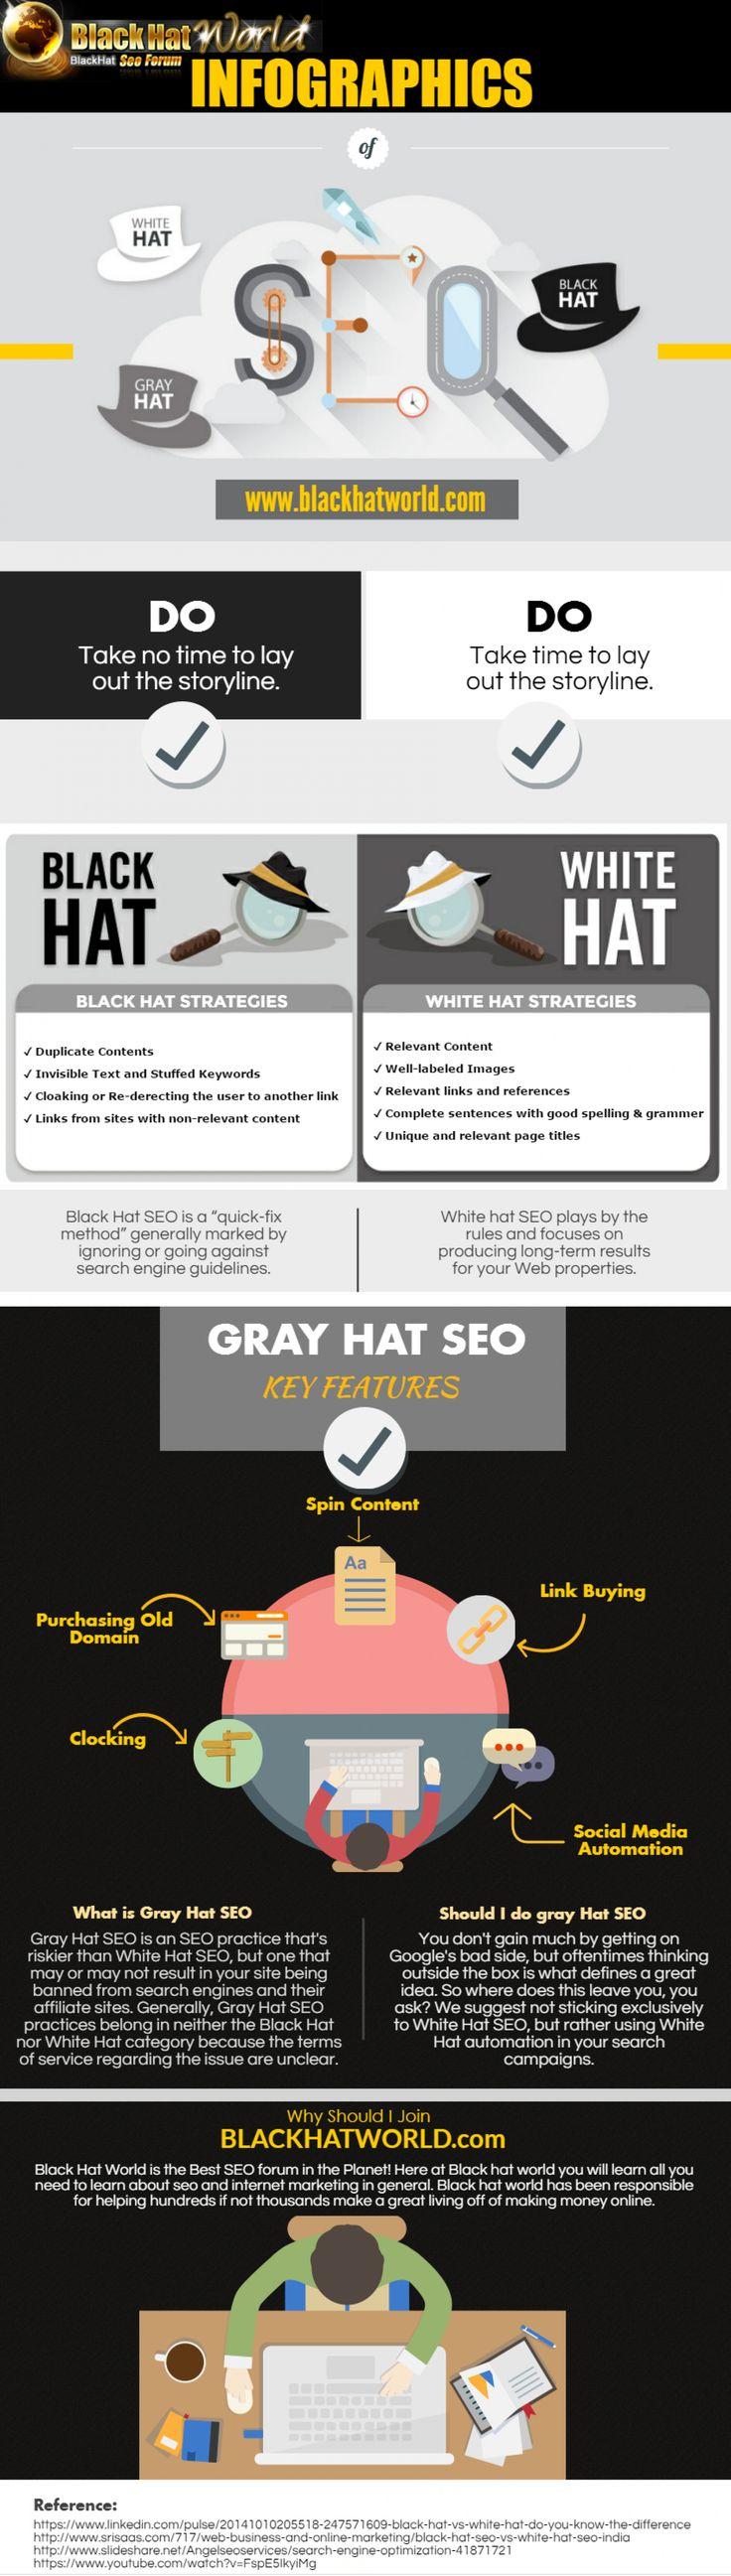 SEO Methods Infographic